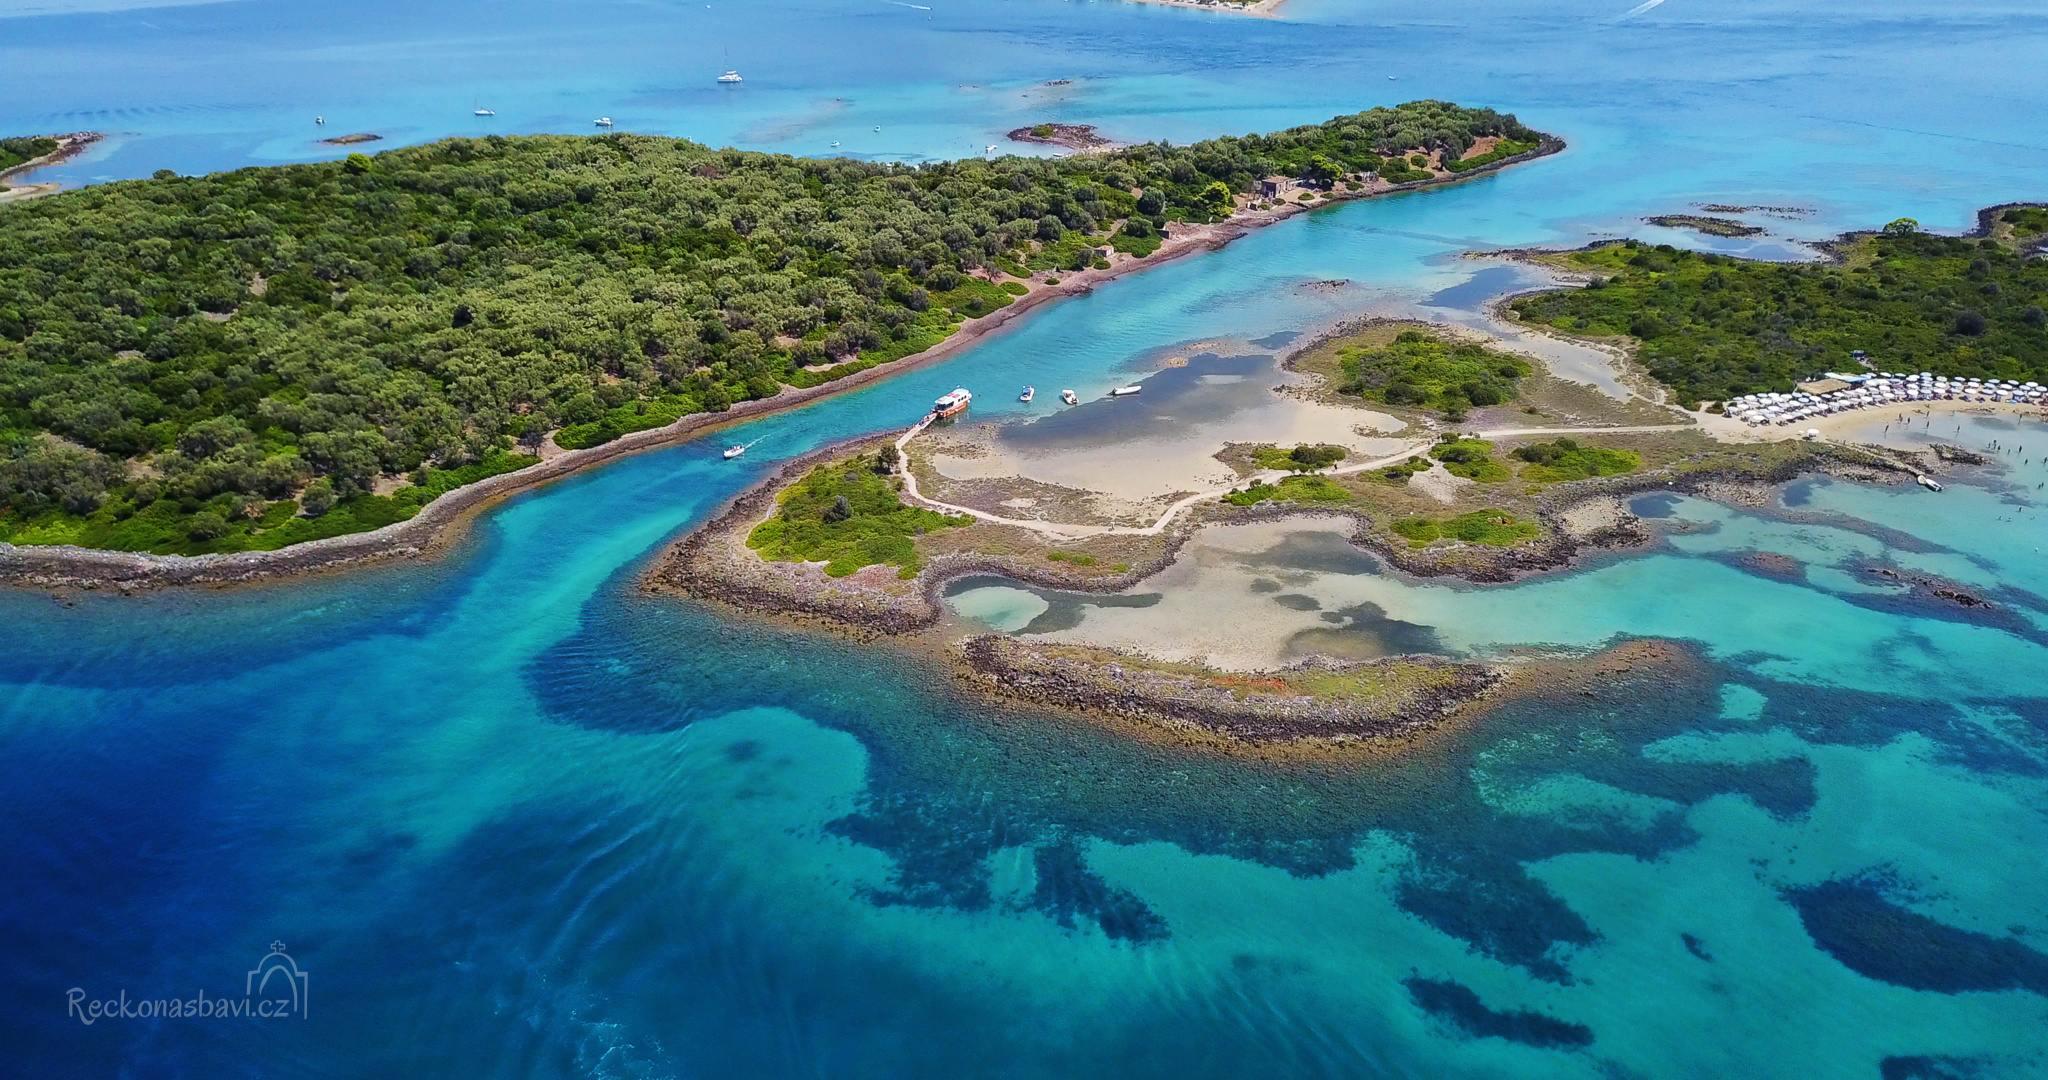 Lichadonisia - Zdejších 7 malých ostrůvků si vysloužilo díky svým neuvěřitelným odstínům moře přezdívku řecké Bahamy.